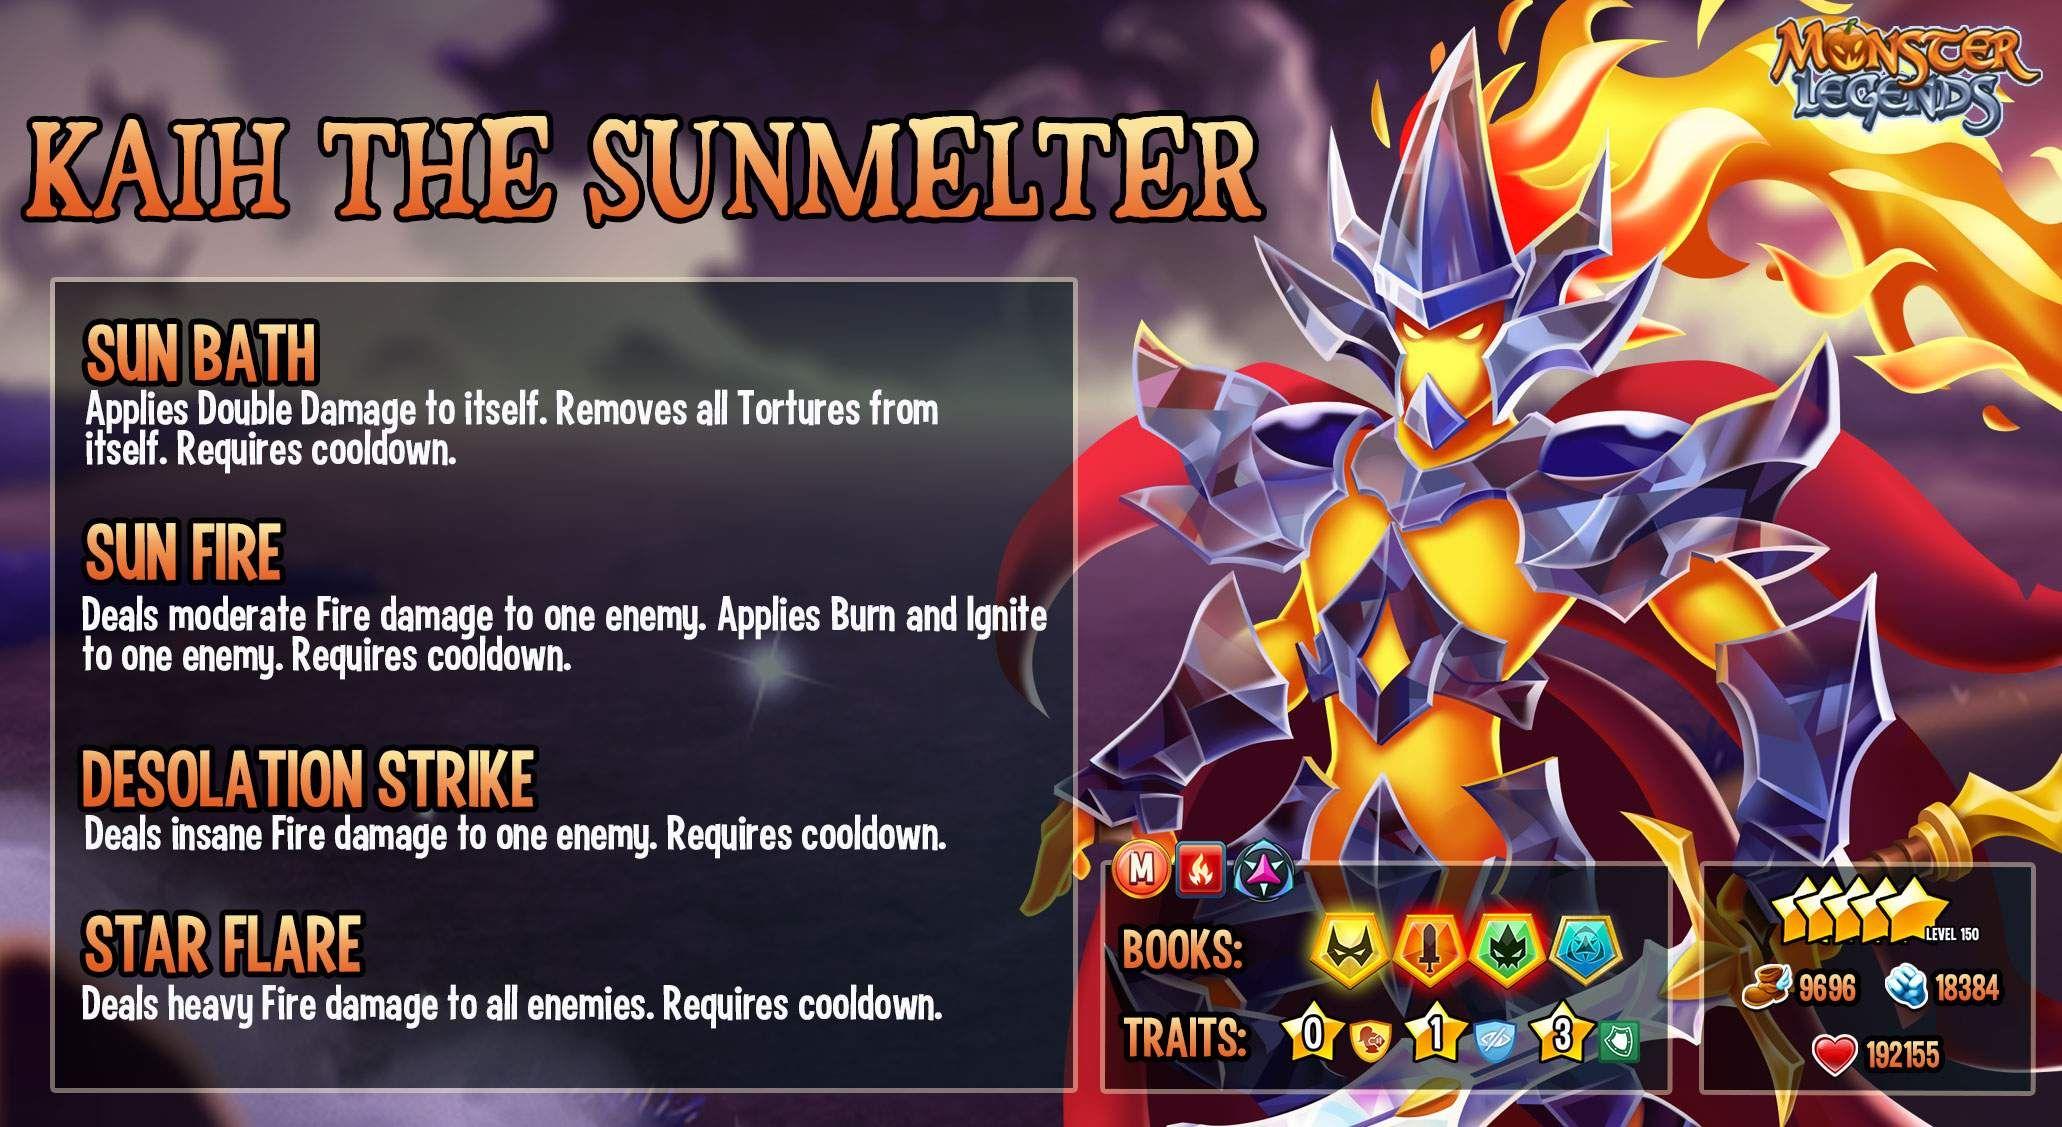 0_1602857673960_Kaih-the-sunmelter.jpg